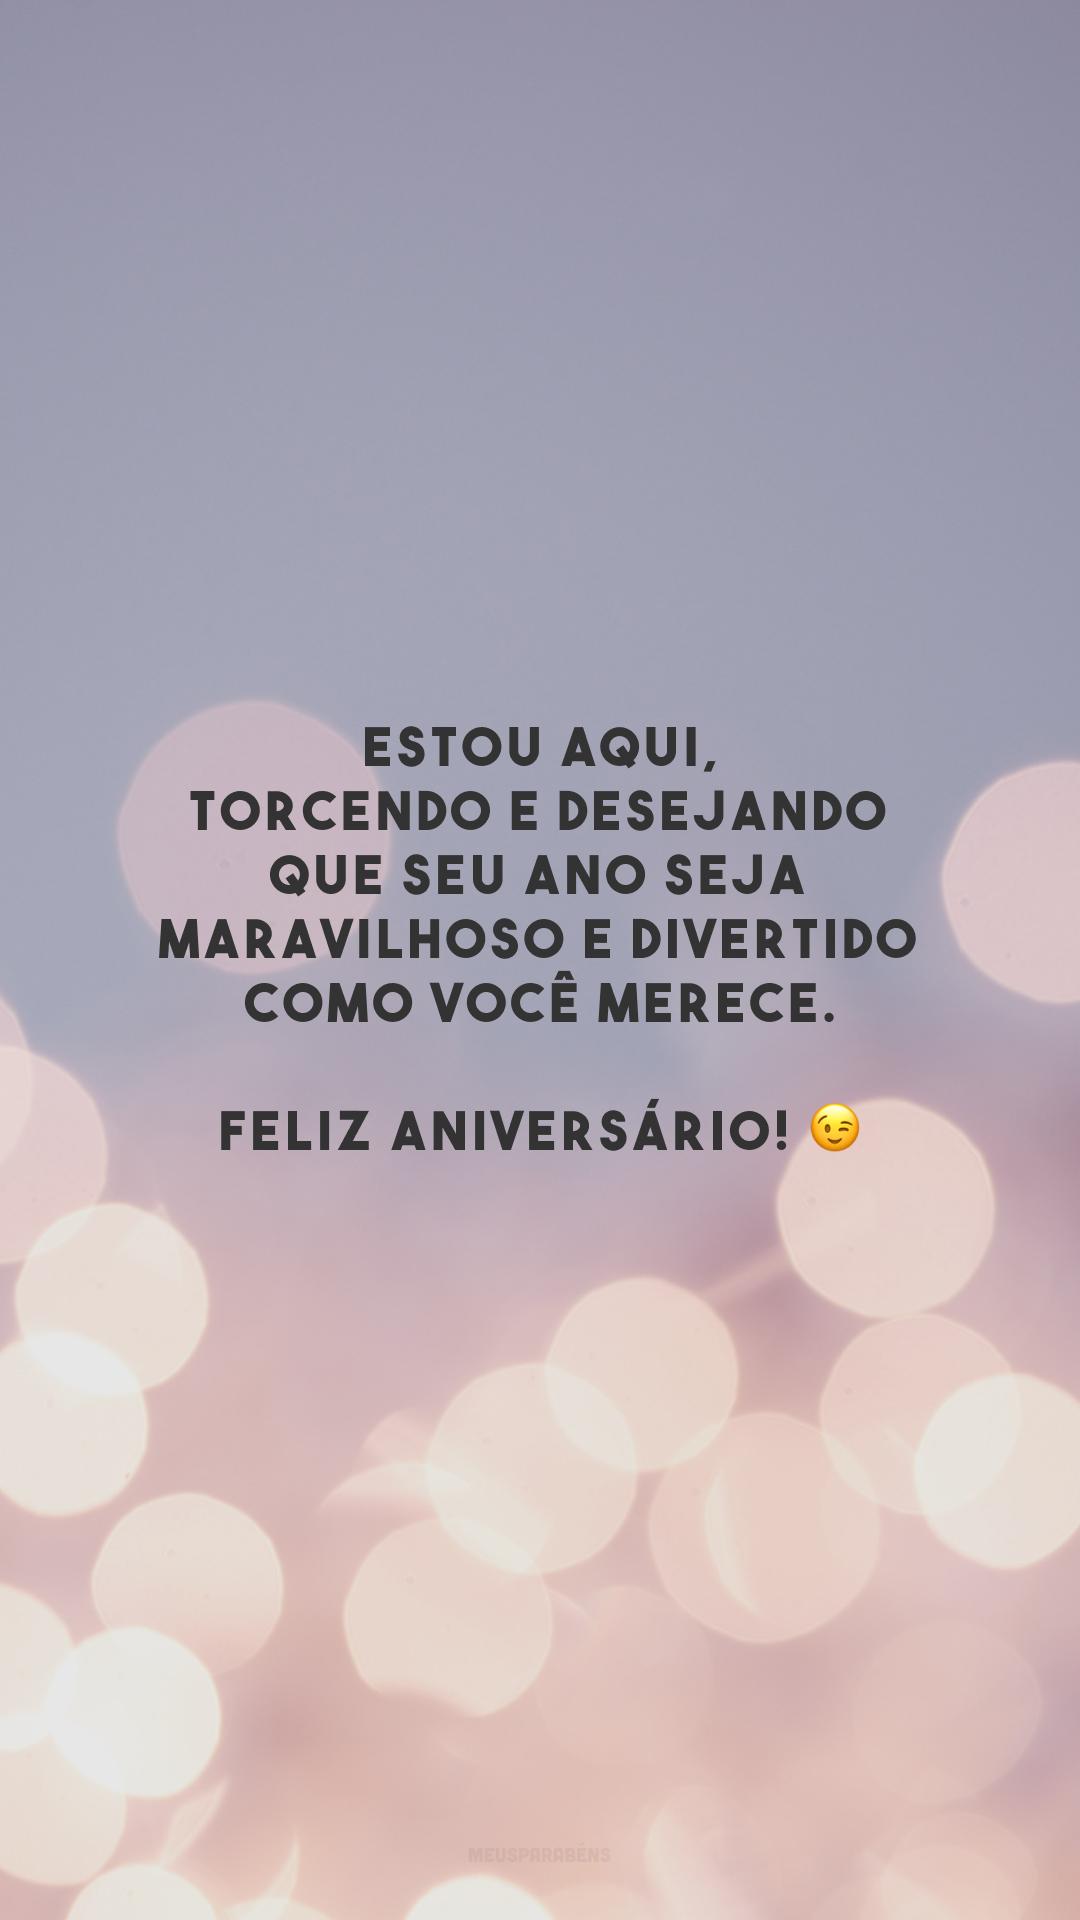 Estou aqui, torcendo e desejando que seu ano seja maravilhoso e divertido como você merece. Feliz aniversário! 😉